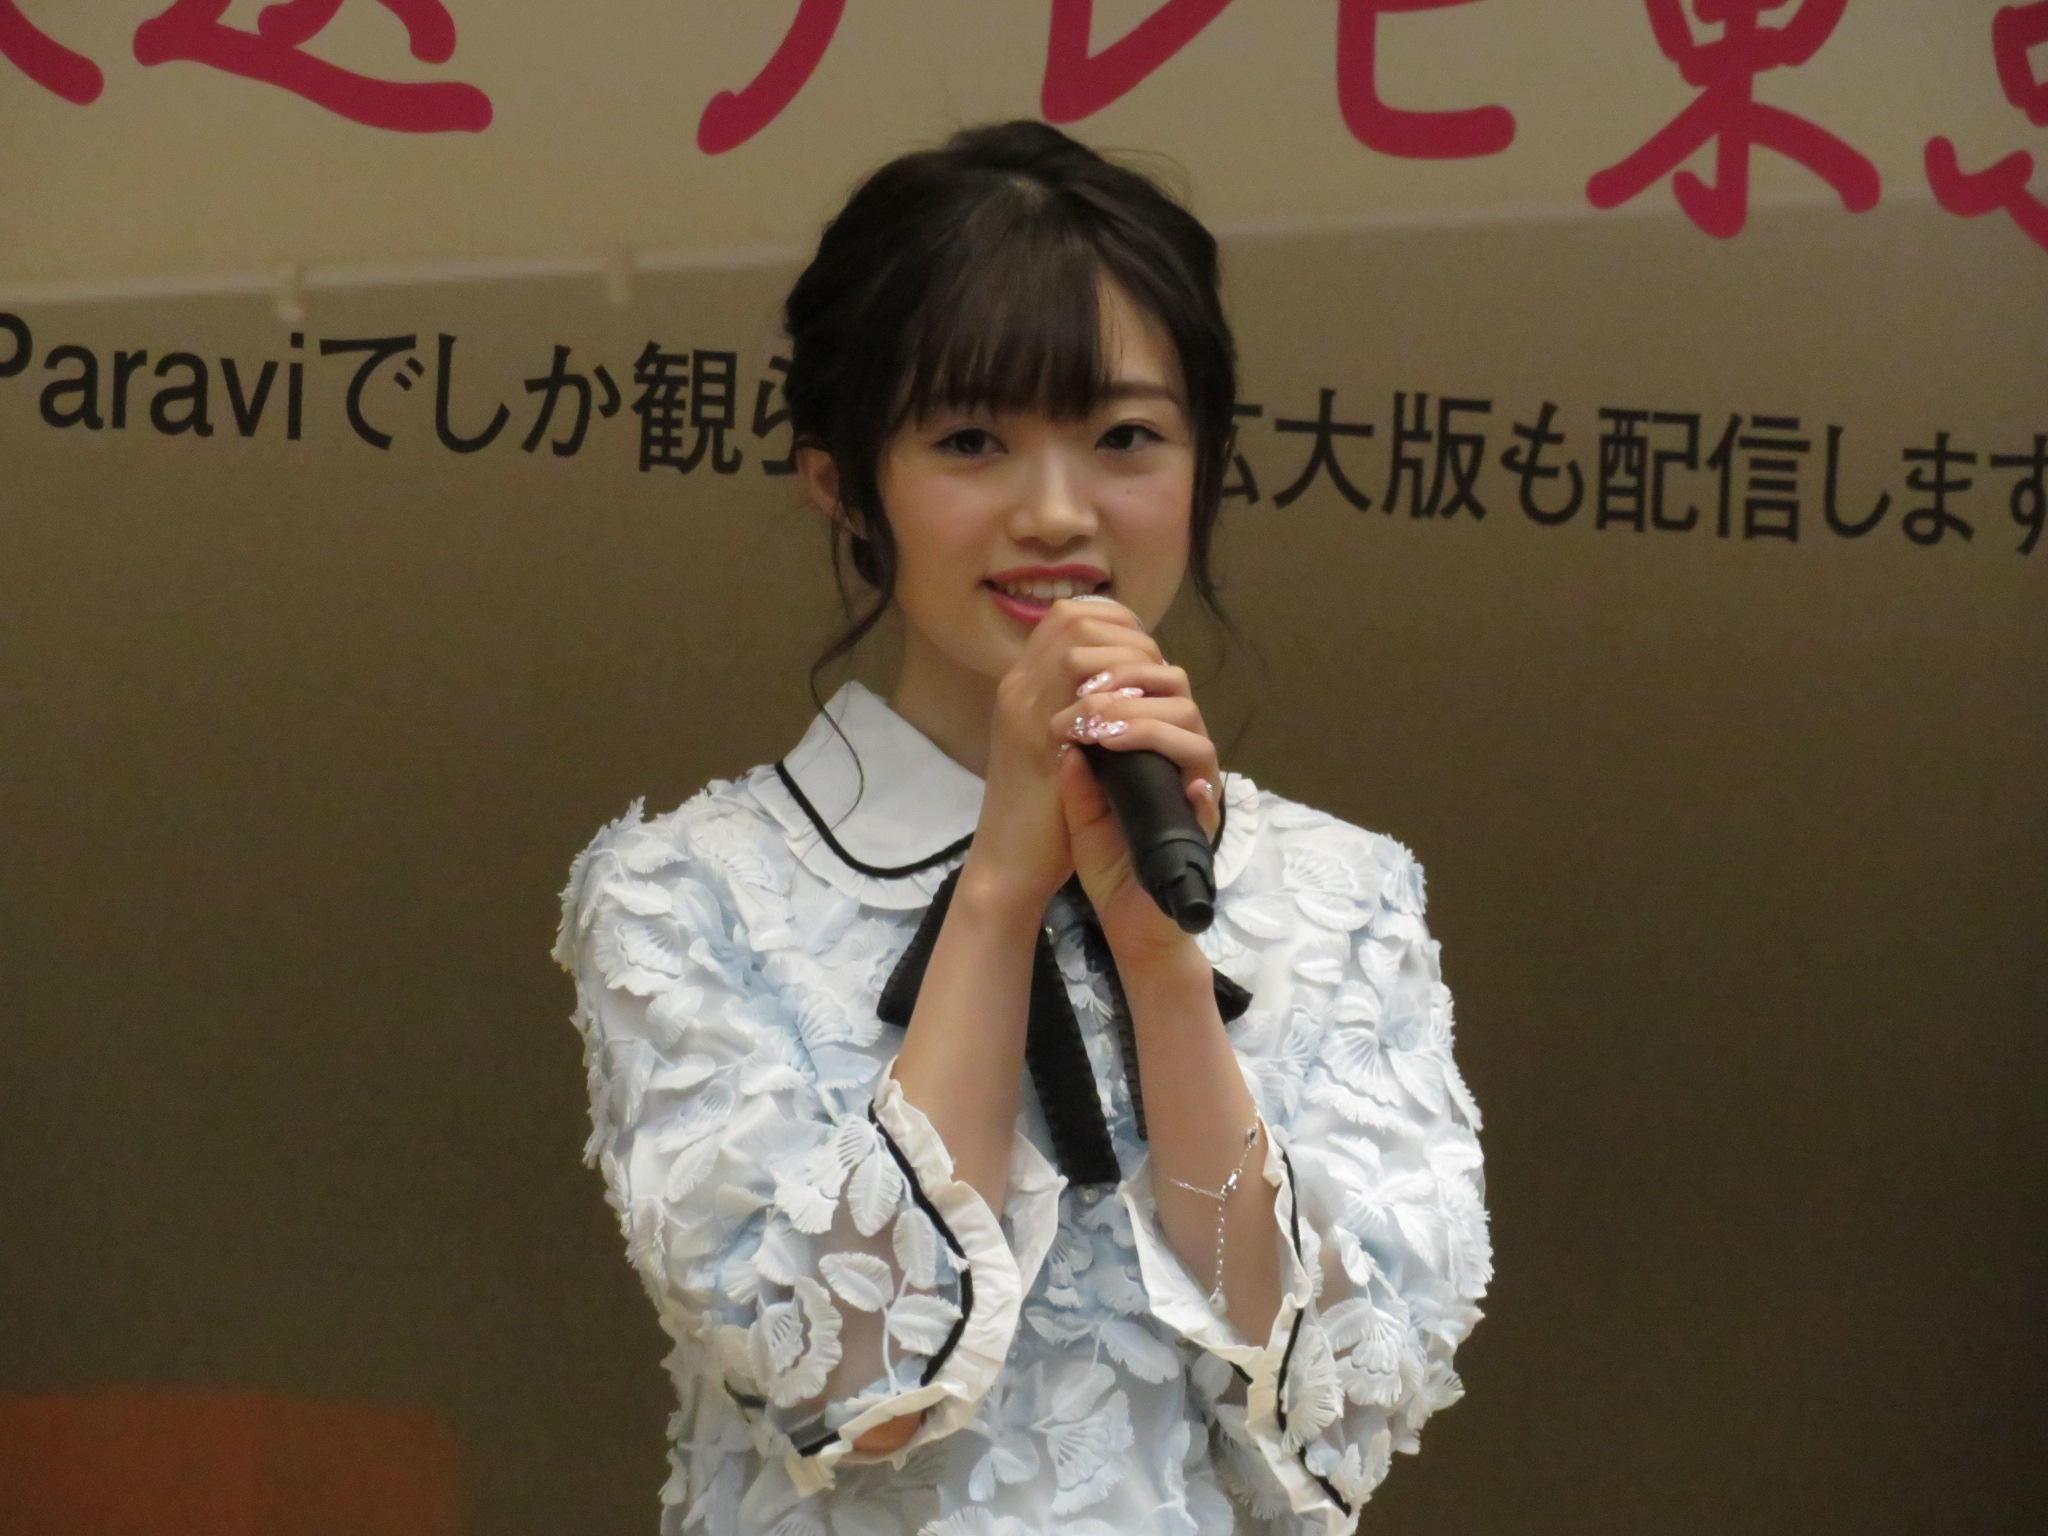 http://news.yoshimoto.co.jp/20180331002547-91295cd5cc06b14aab8a721ad19afd45b0620207.jpg